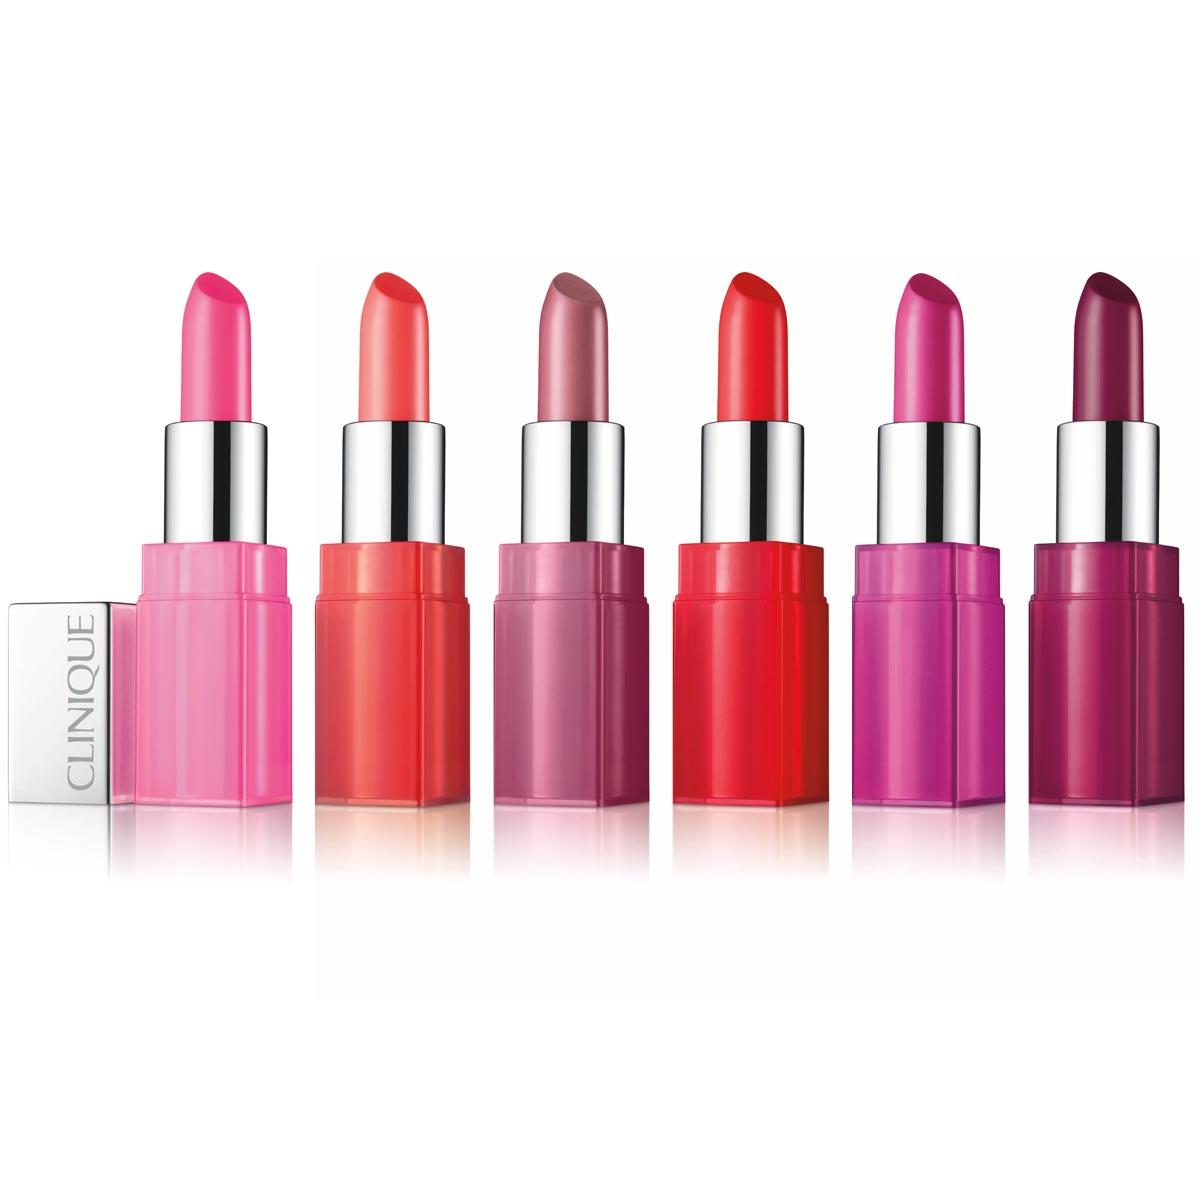 clinique-pop-glaze-sheer-lip-colour-primer.jpg